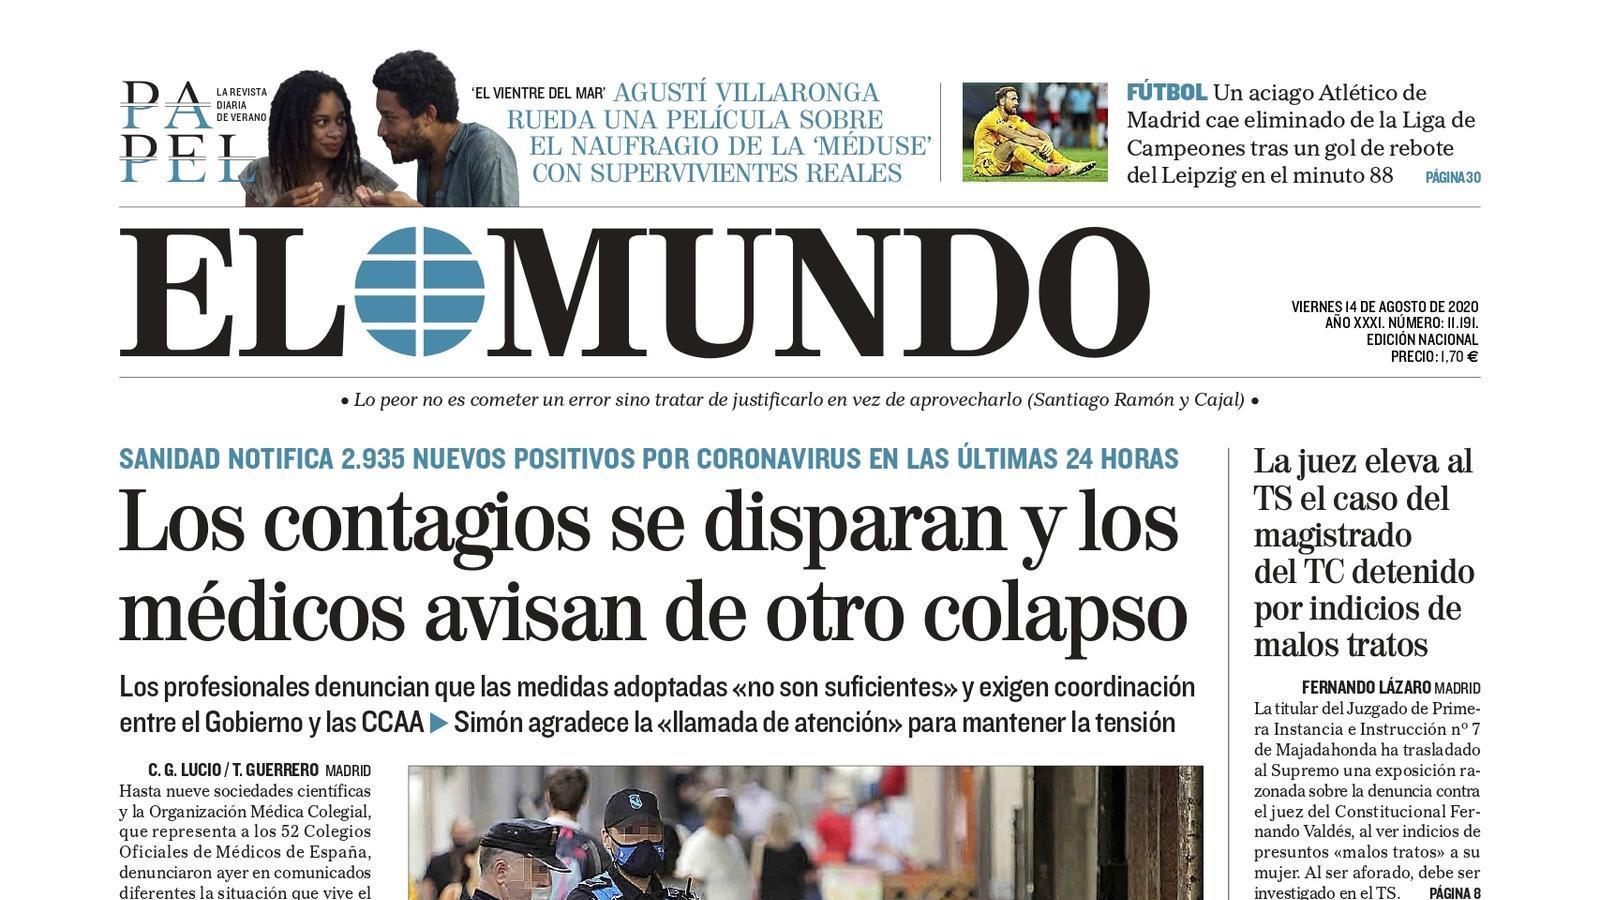 El Mundo 14/8